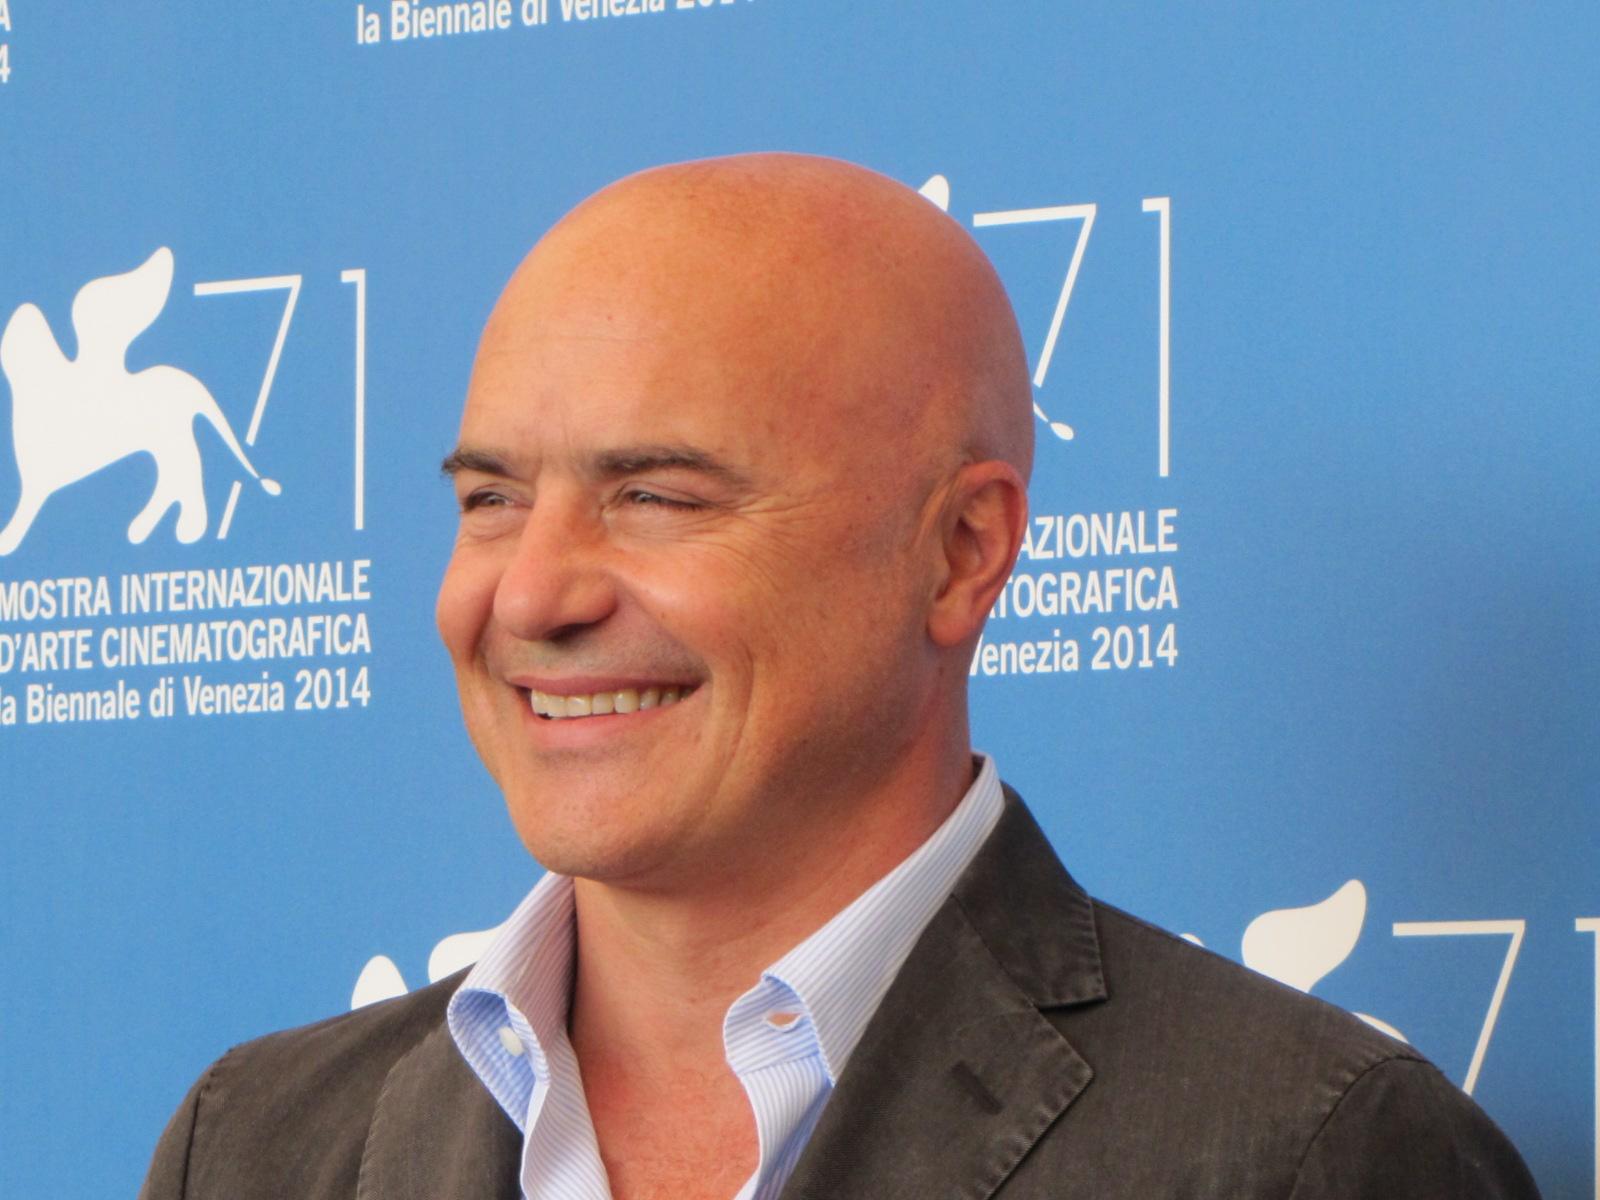 'Perez' a Venezia 2014 - un primo piano di Zingaretti